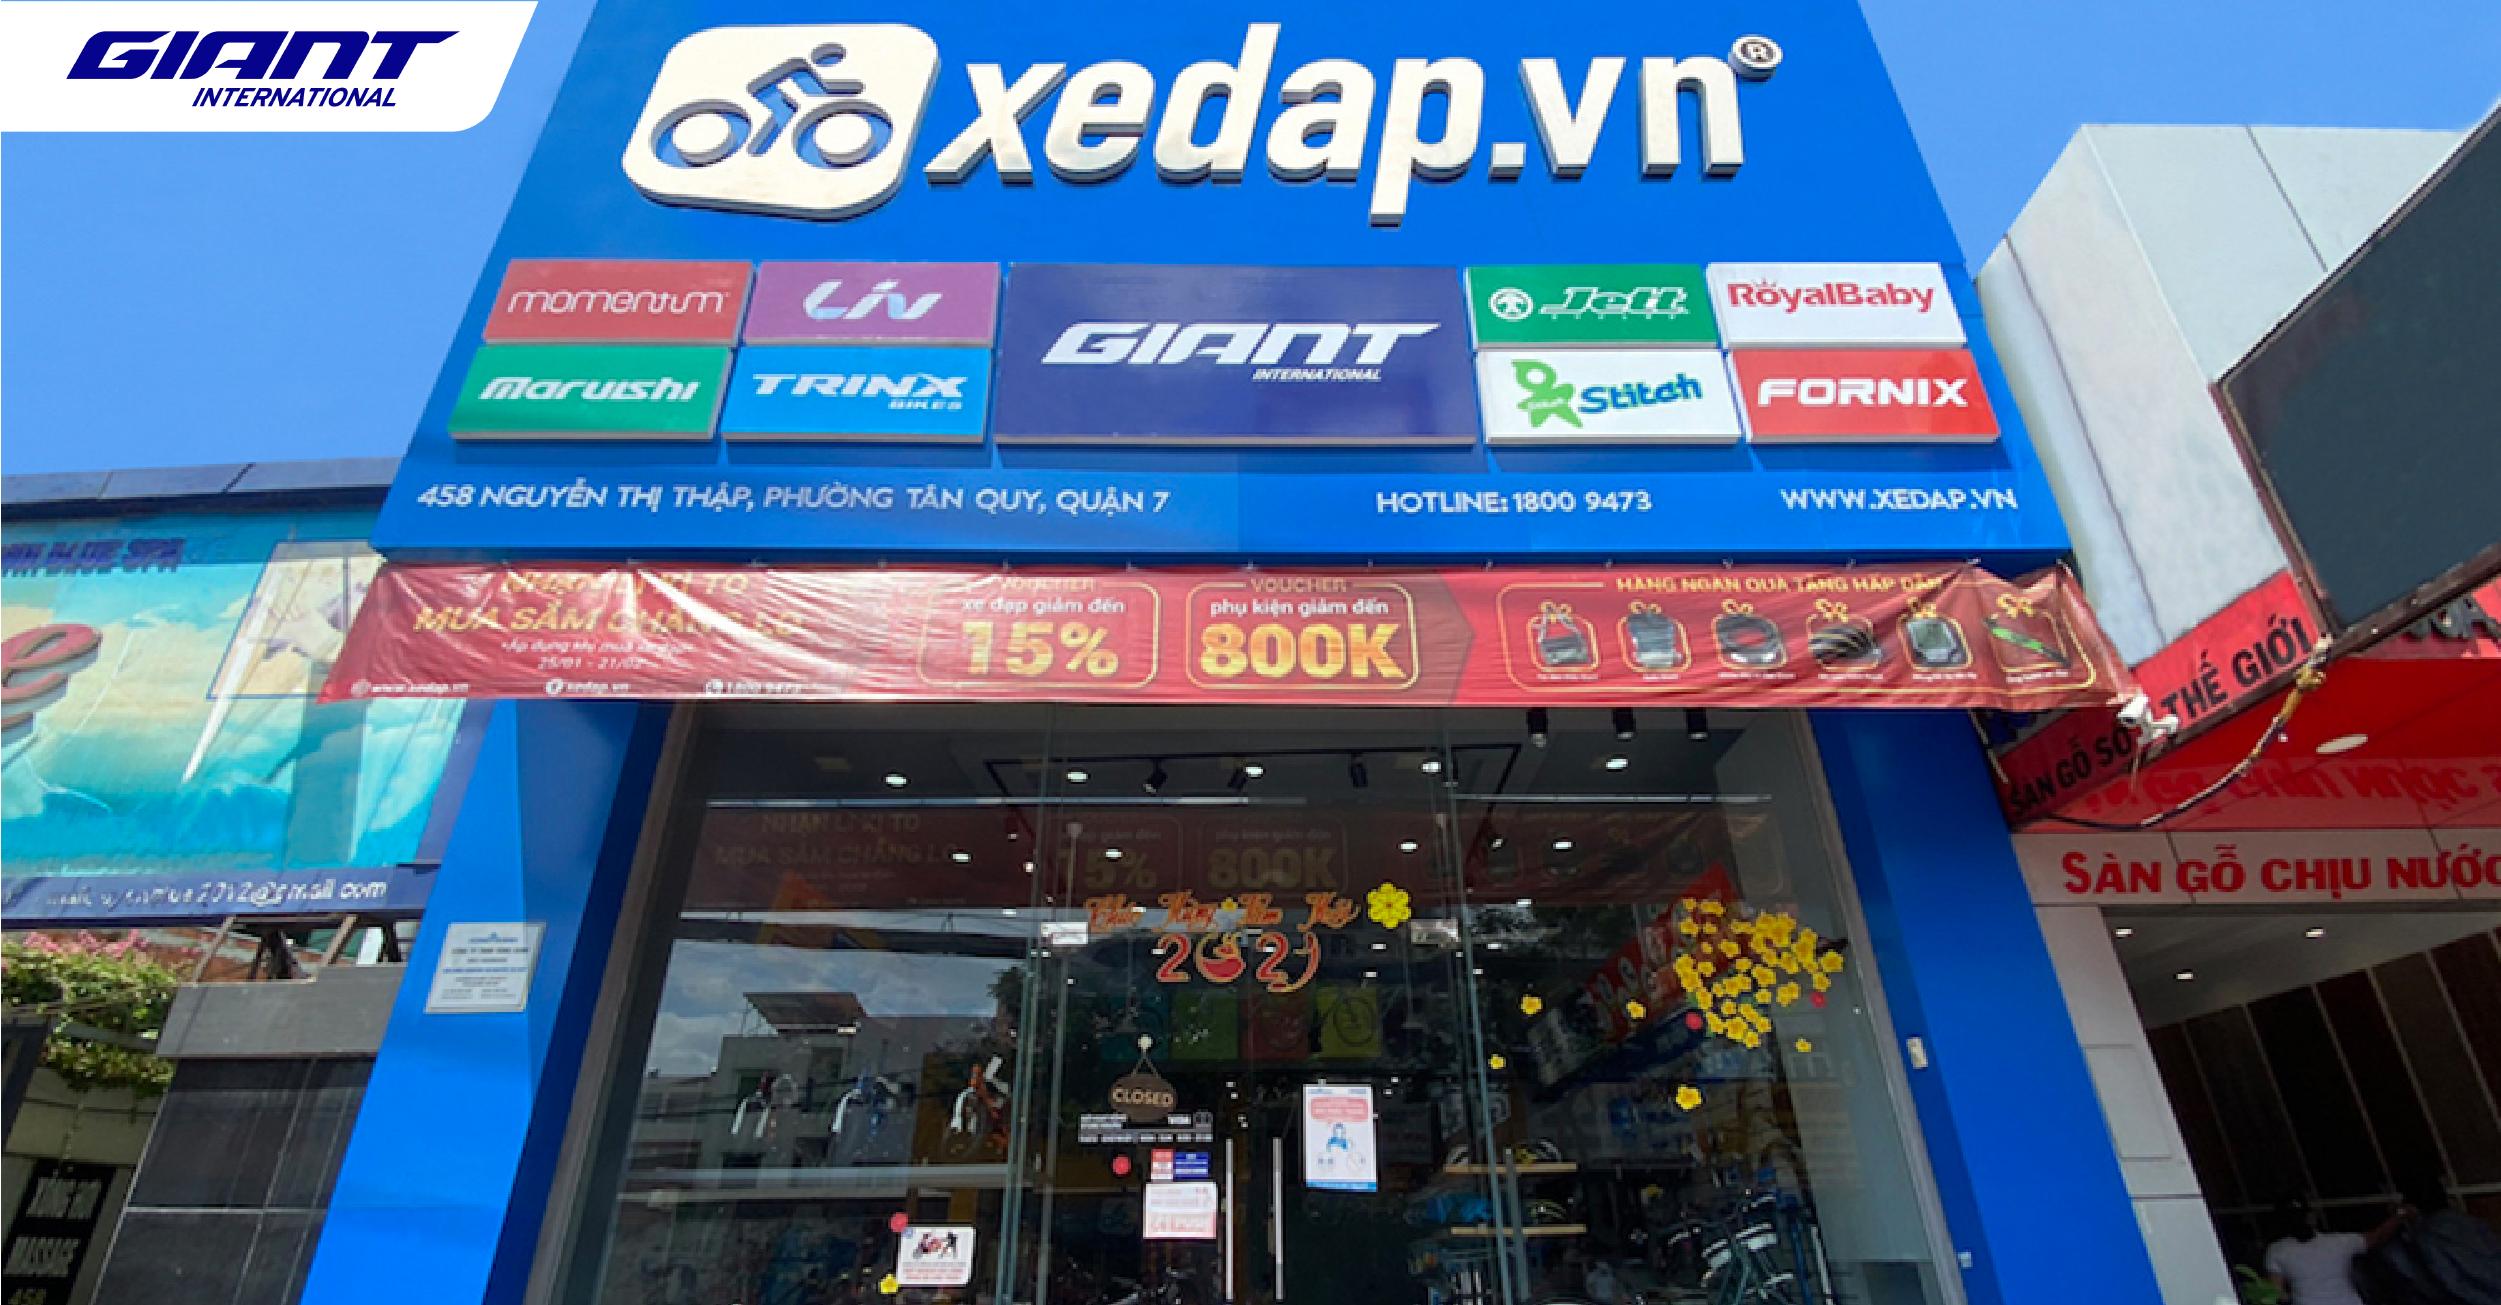 Mừng khai trương đại lý xe đạp Giant – Xedap.vn, tại 458 Nguyễn Thị Thập, Quận 7, TP. Hồ Chí Minh.